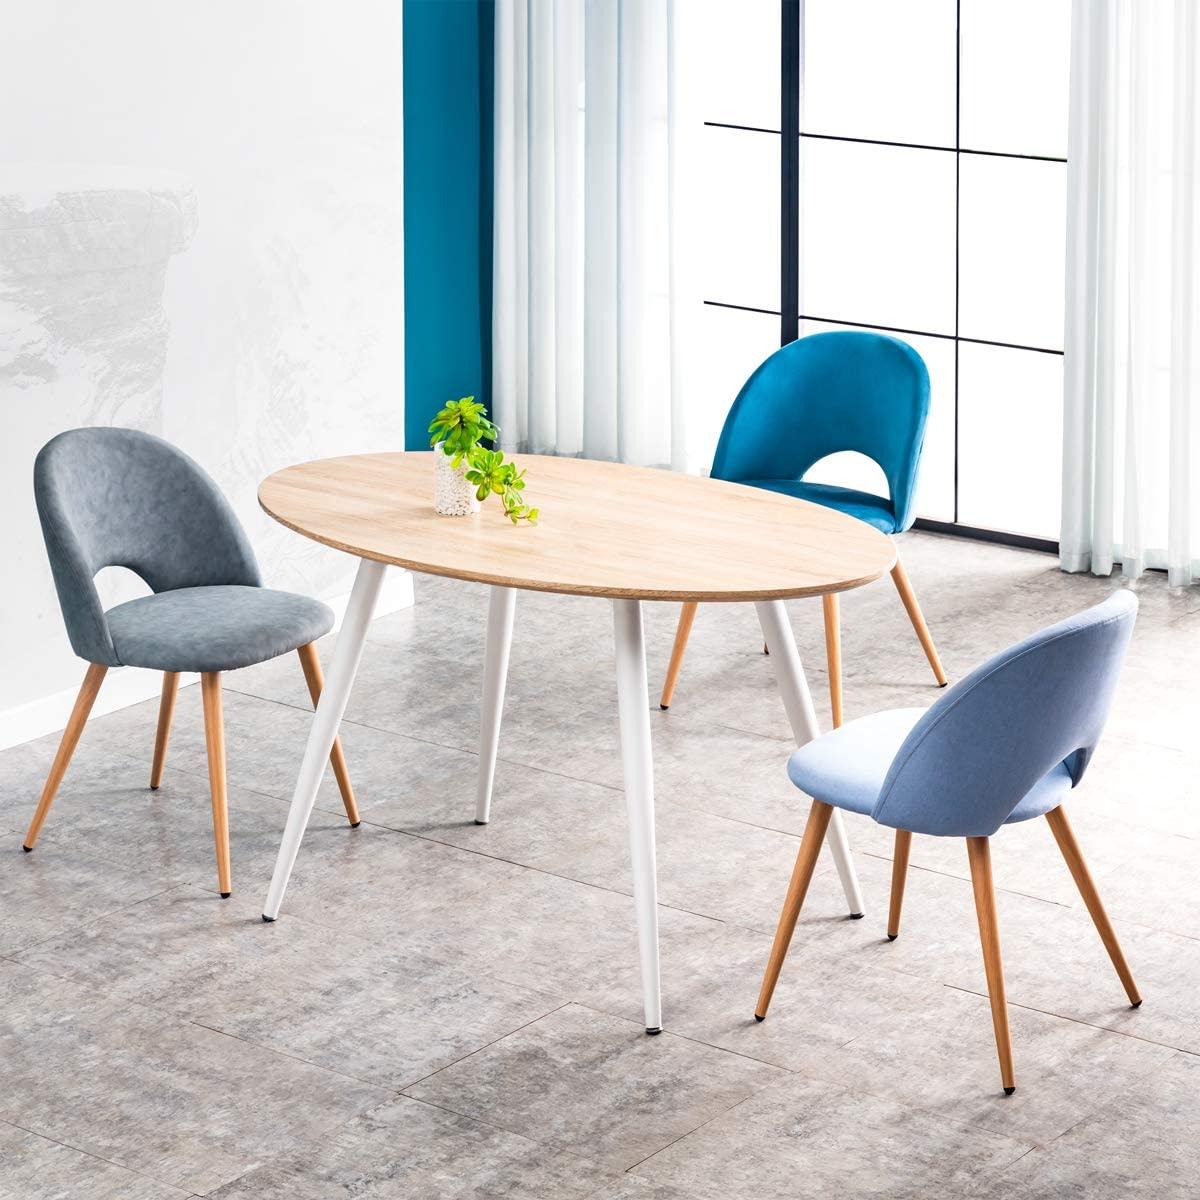 Mc Haus FIKKA - Mesa Comedor Ovalada de madera MDF diseño Escandinavo con patas color Blanco lacadas, Mesa cocina salón Diseño Rectangular 129x79x75cm